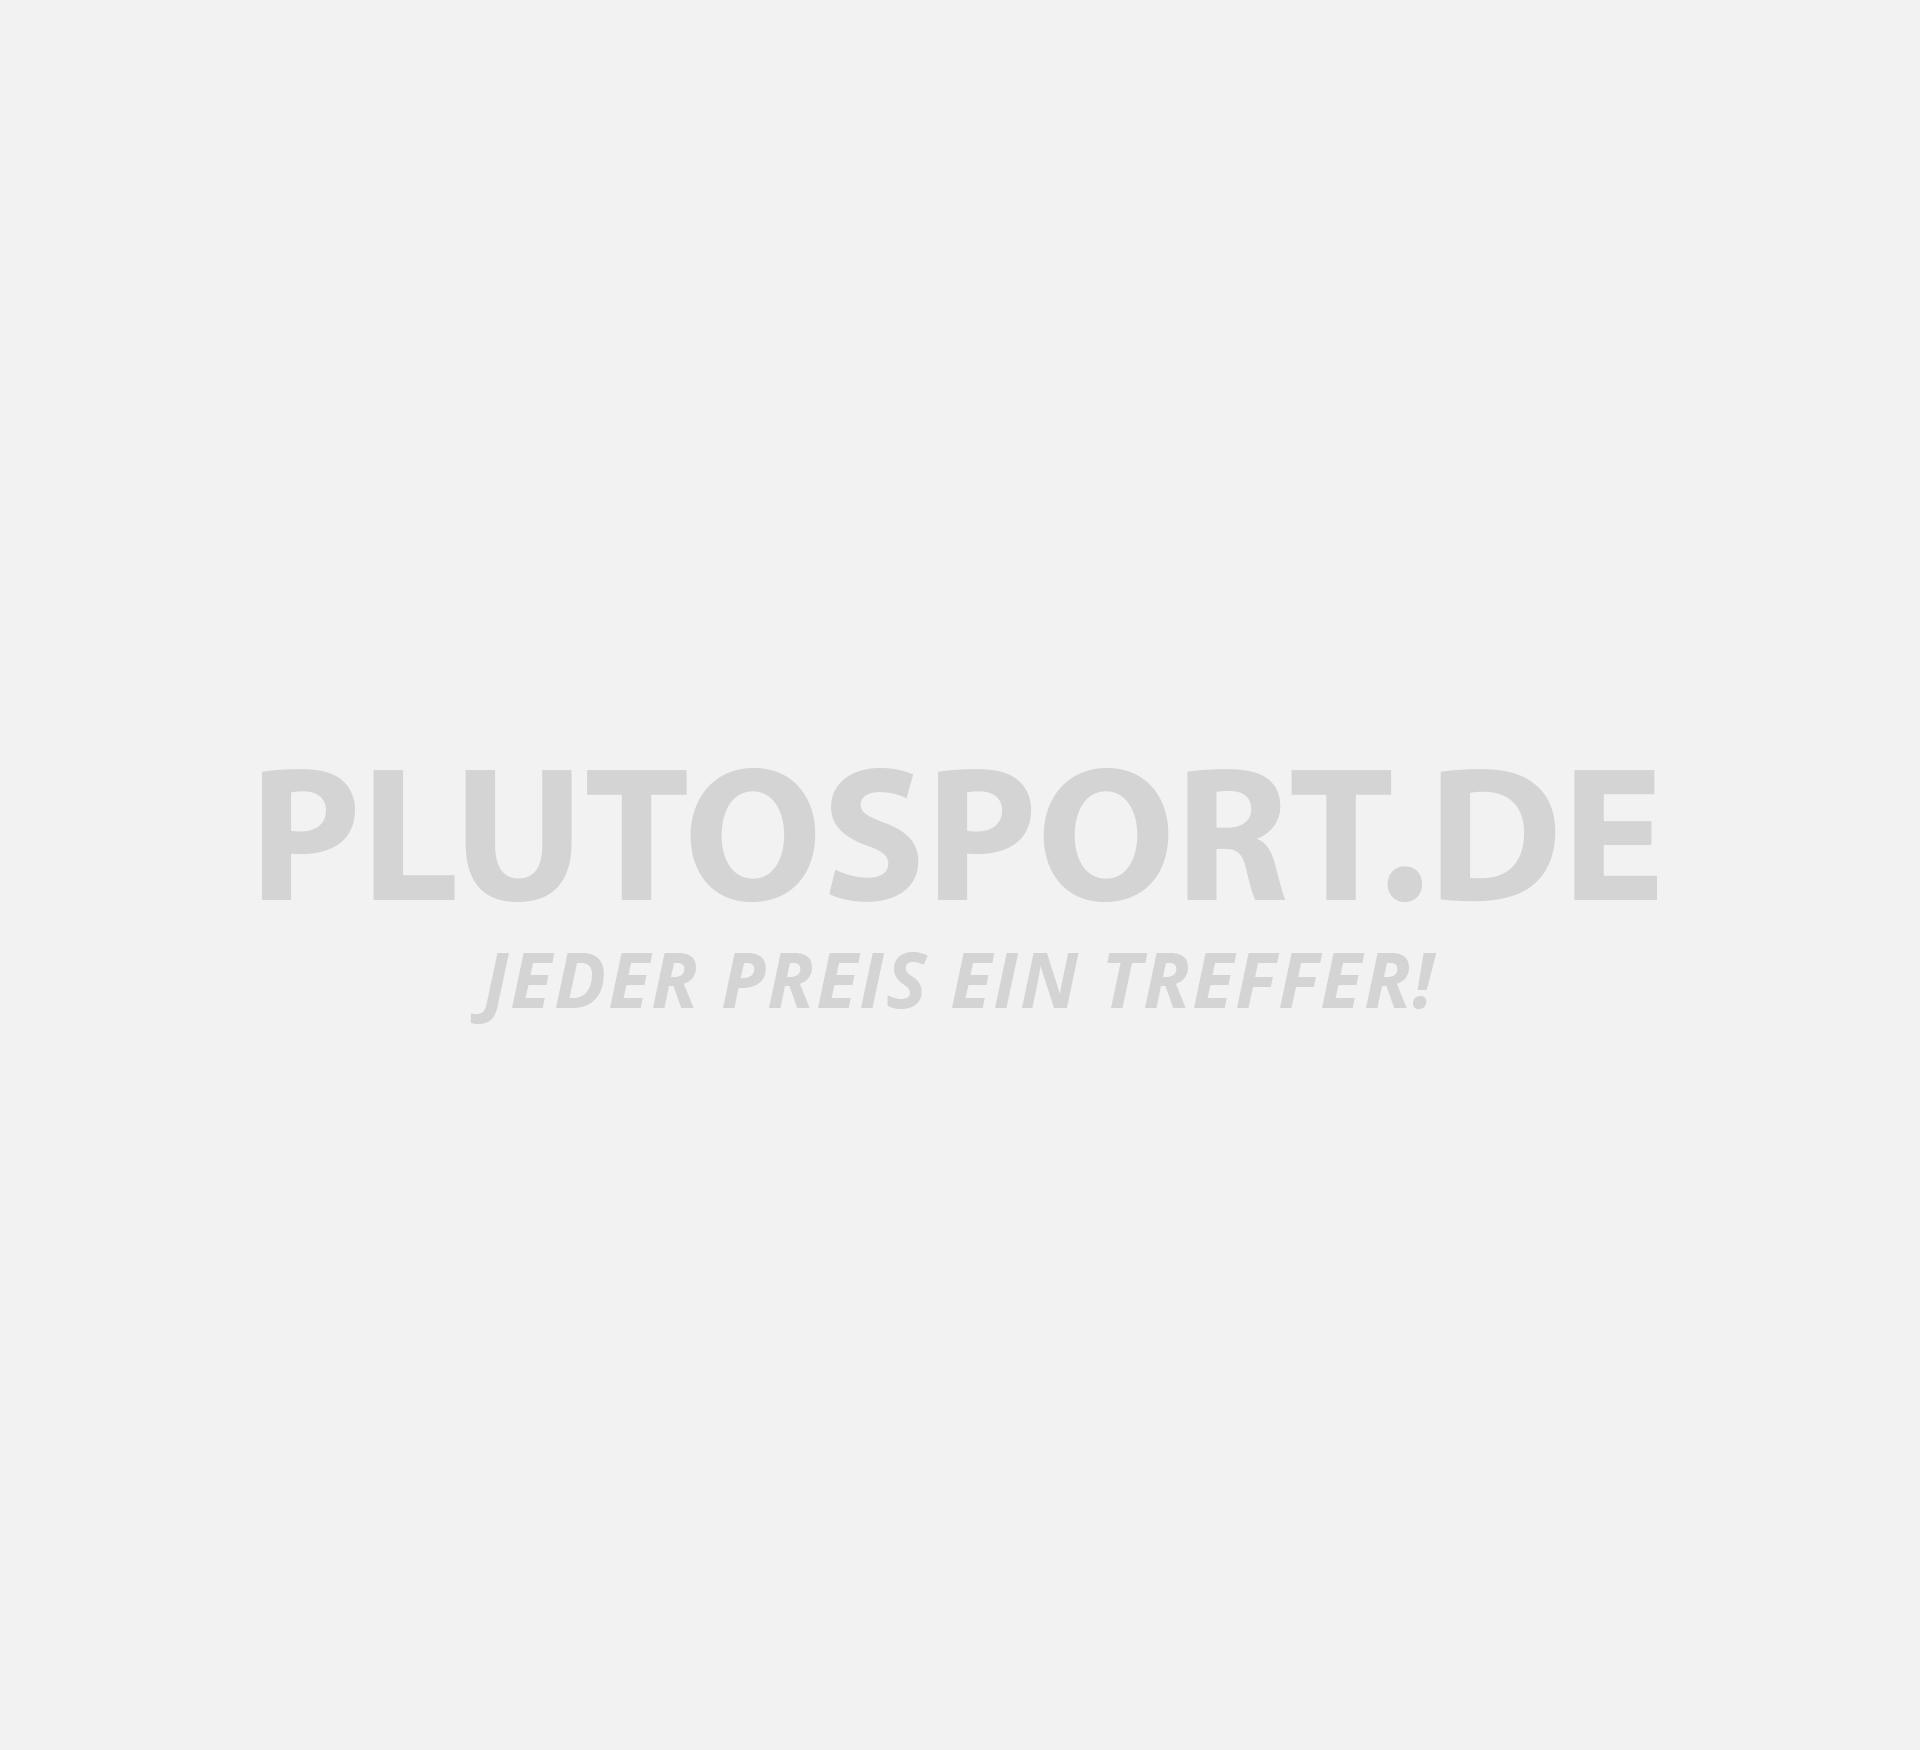 ba260e9399 Asics Gel-Dedicate 5 - Gravel - Tennisschuhe - Tennis - Sportarten ...